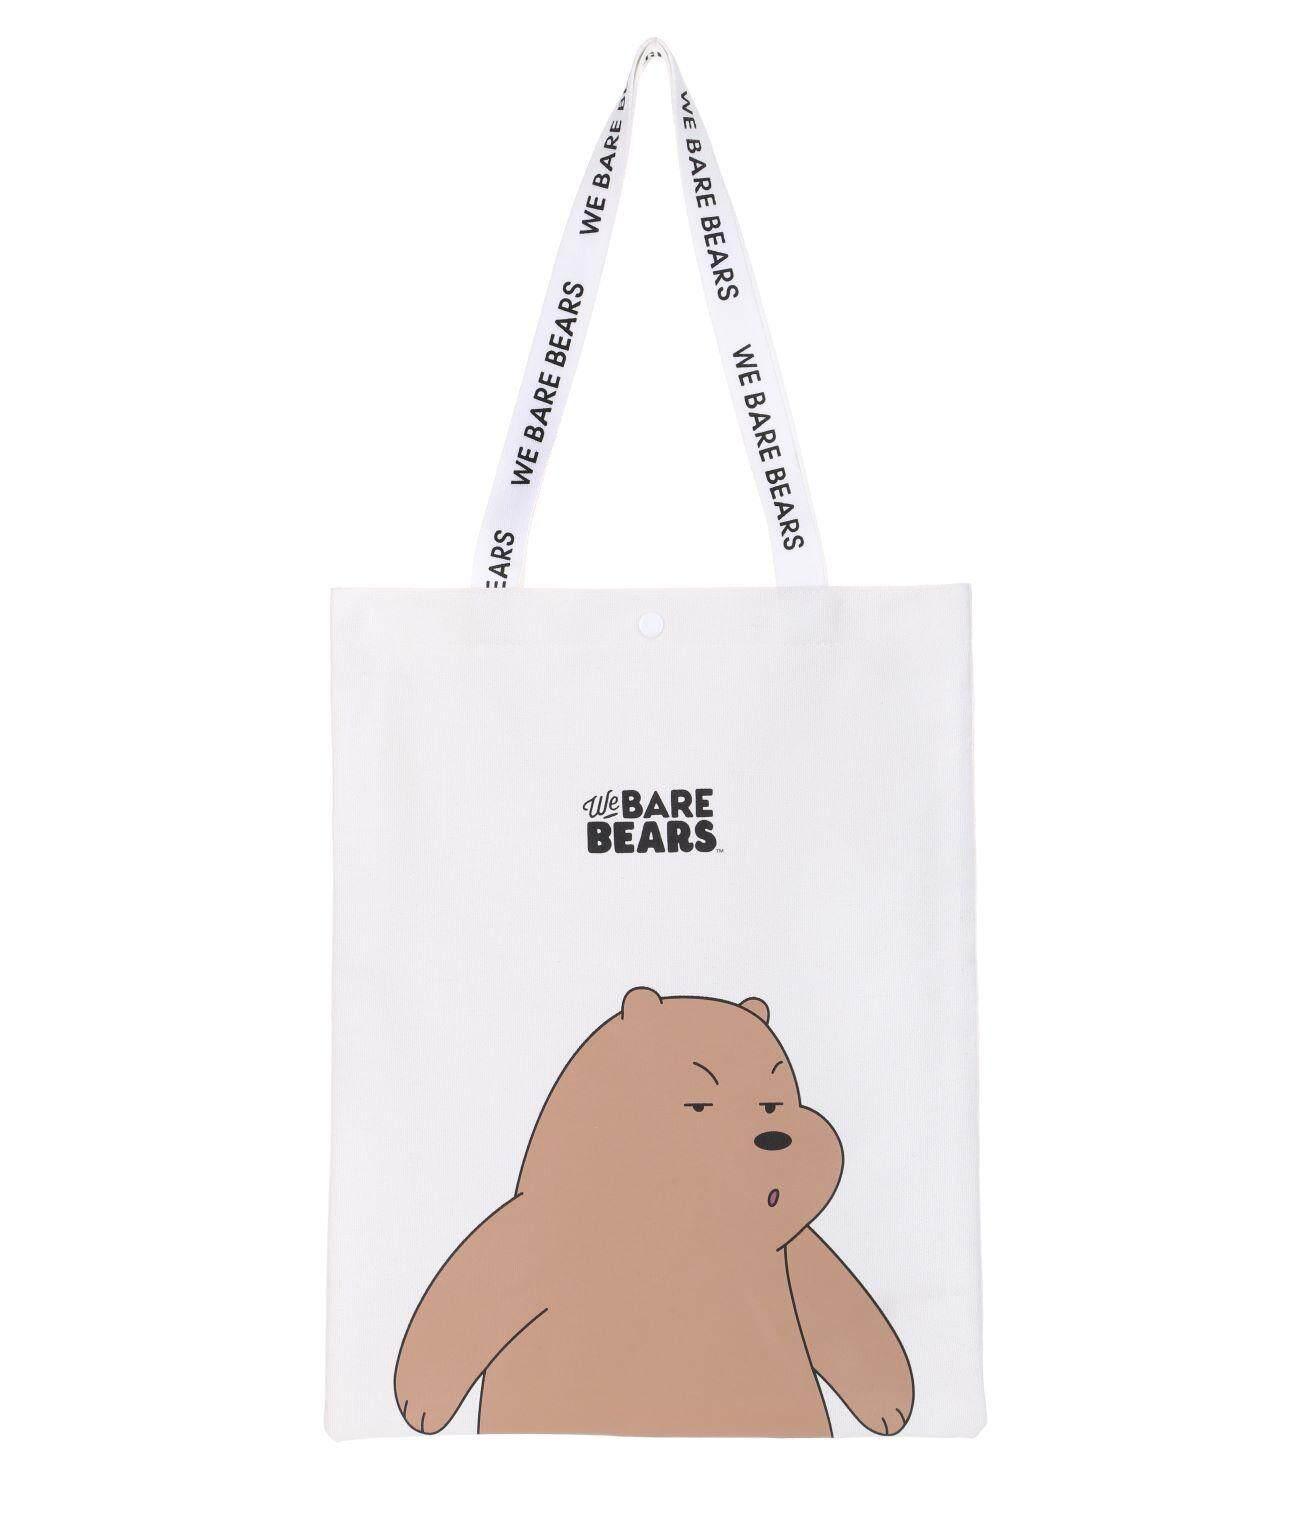 กระเป๋าถือ นักเรียน ผู้หญิง วัยรุ่น อำนาจเจริญ MINISO ถุงผ้า WE BARE BEARS 3 หมีจอมยุ่ง